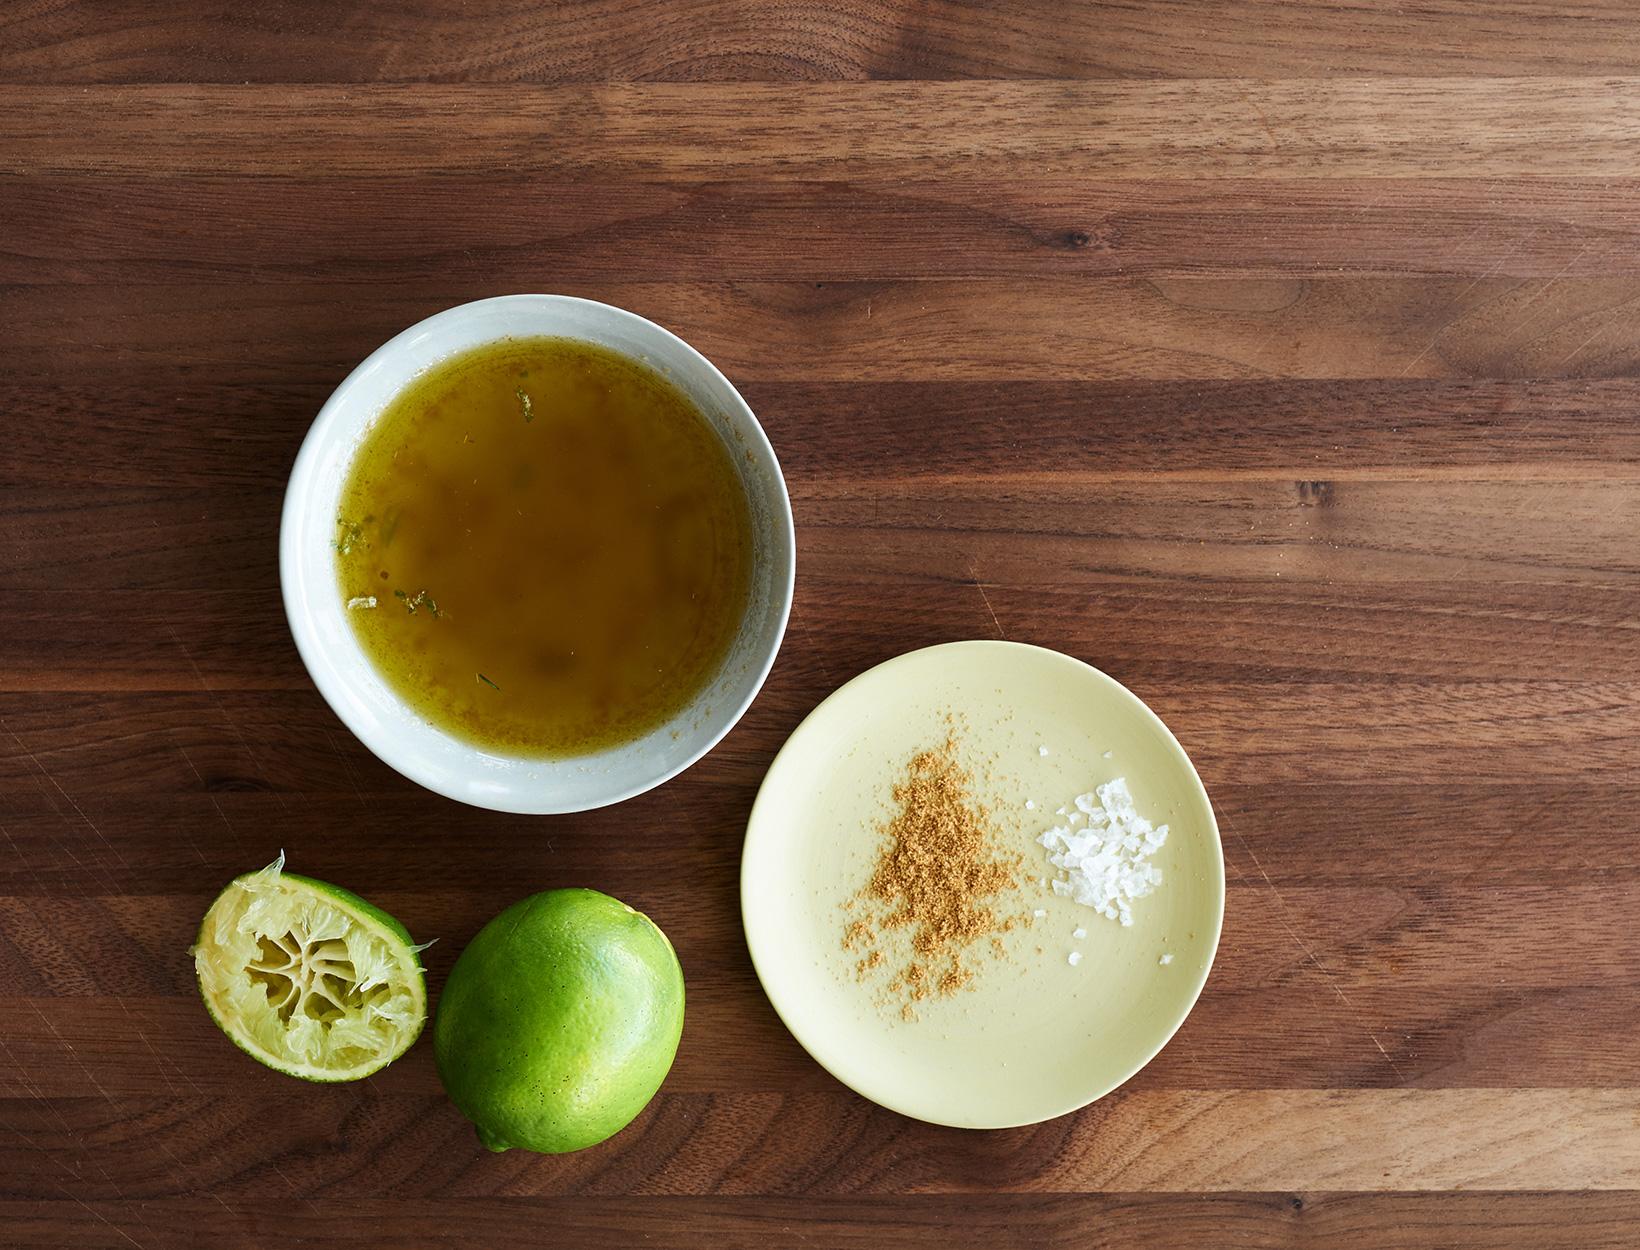 Lime & Cumin Vinaigrette